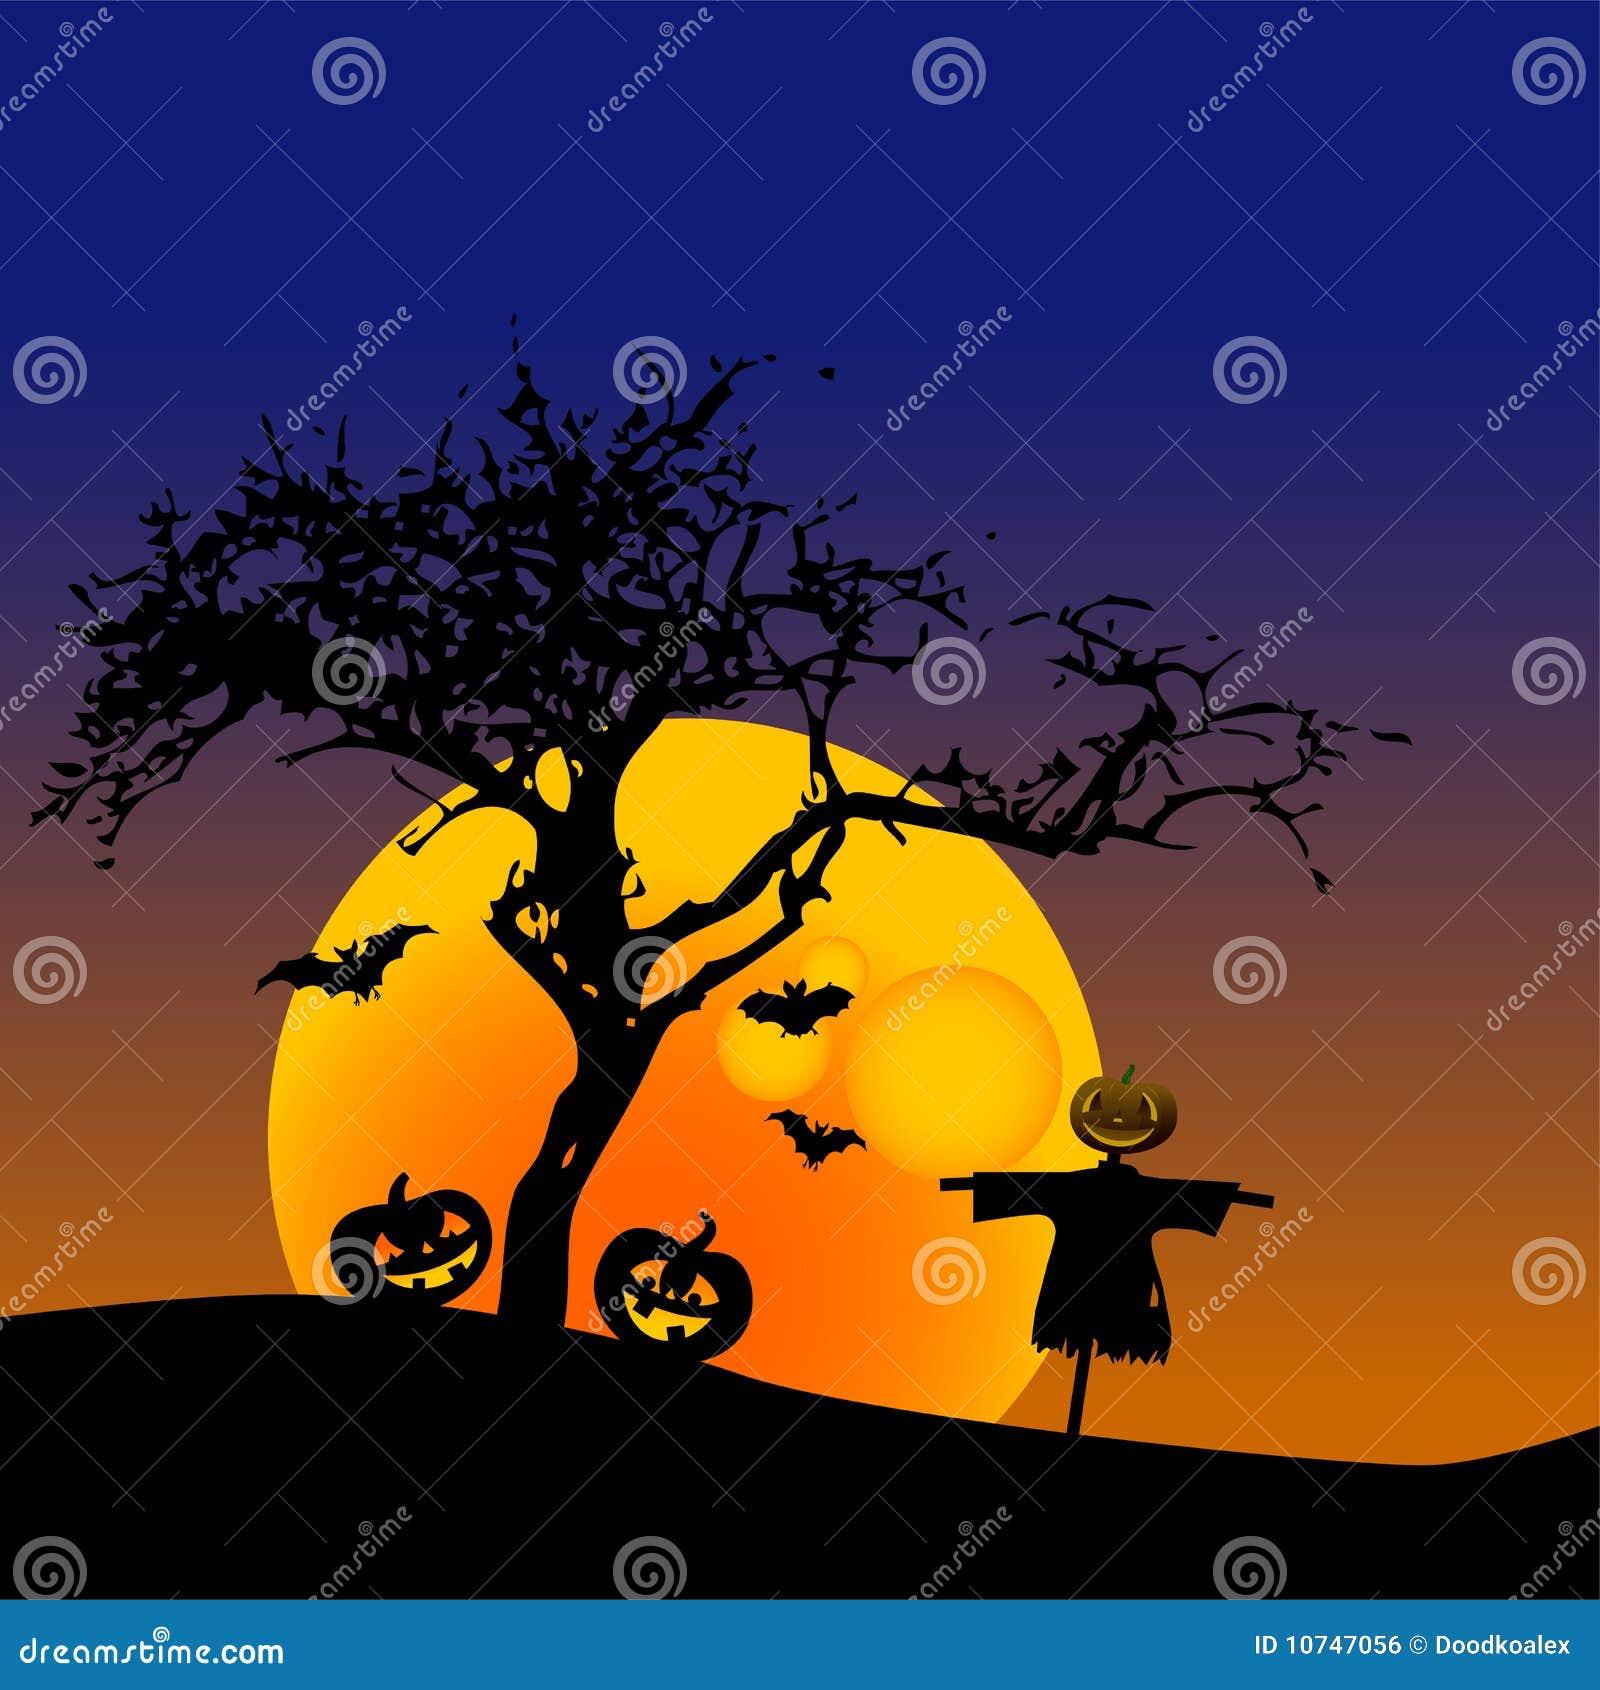 Disegno della zucca di halloween illustrazione vettoriale for Zucca di halloween disegno